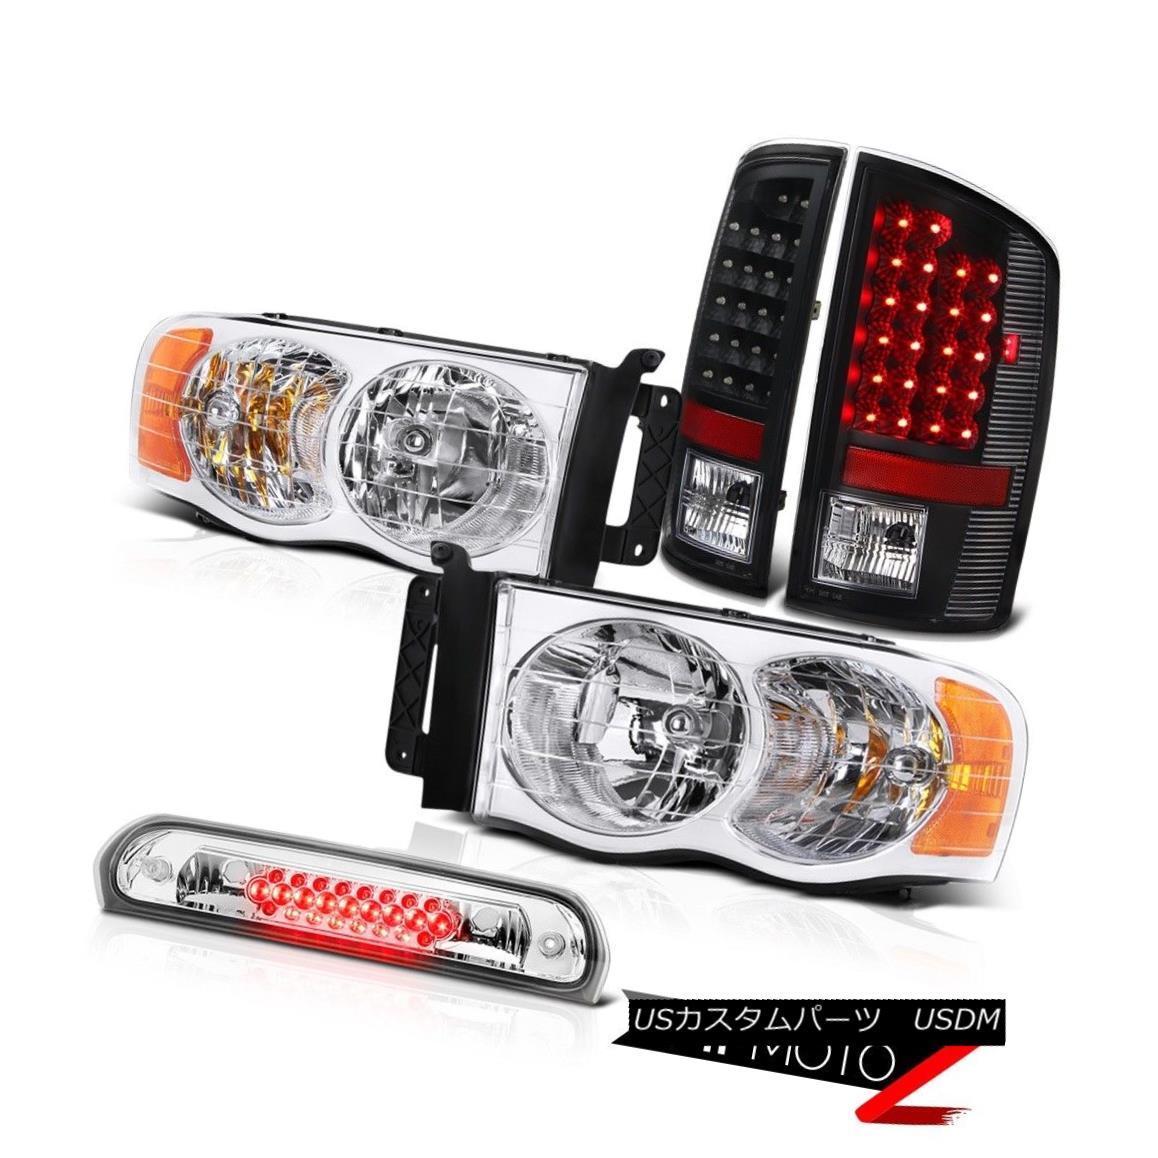 テールライト Pair New Headlight LED Black Taillights High Stop Chrome 2002-2005 Ram Magnum V8 ペアの新しいヘッドライトLEDブラックティールライトハイストップクロム2002-2005ラムマグナムV8